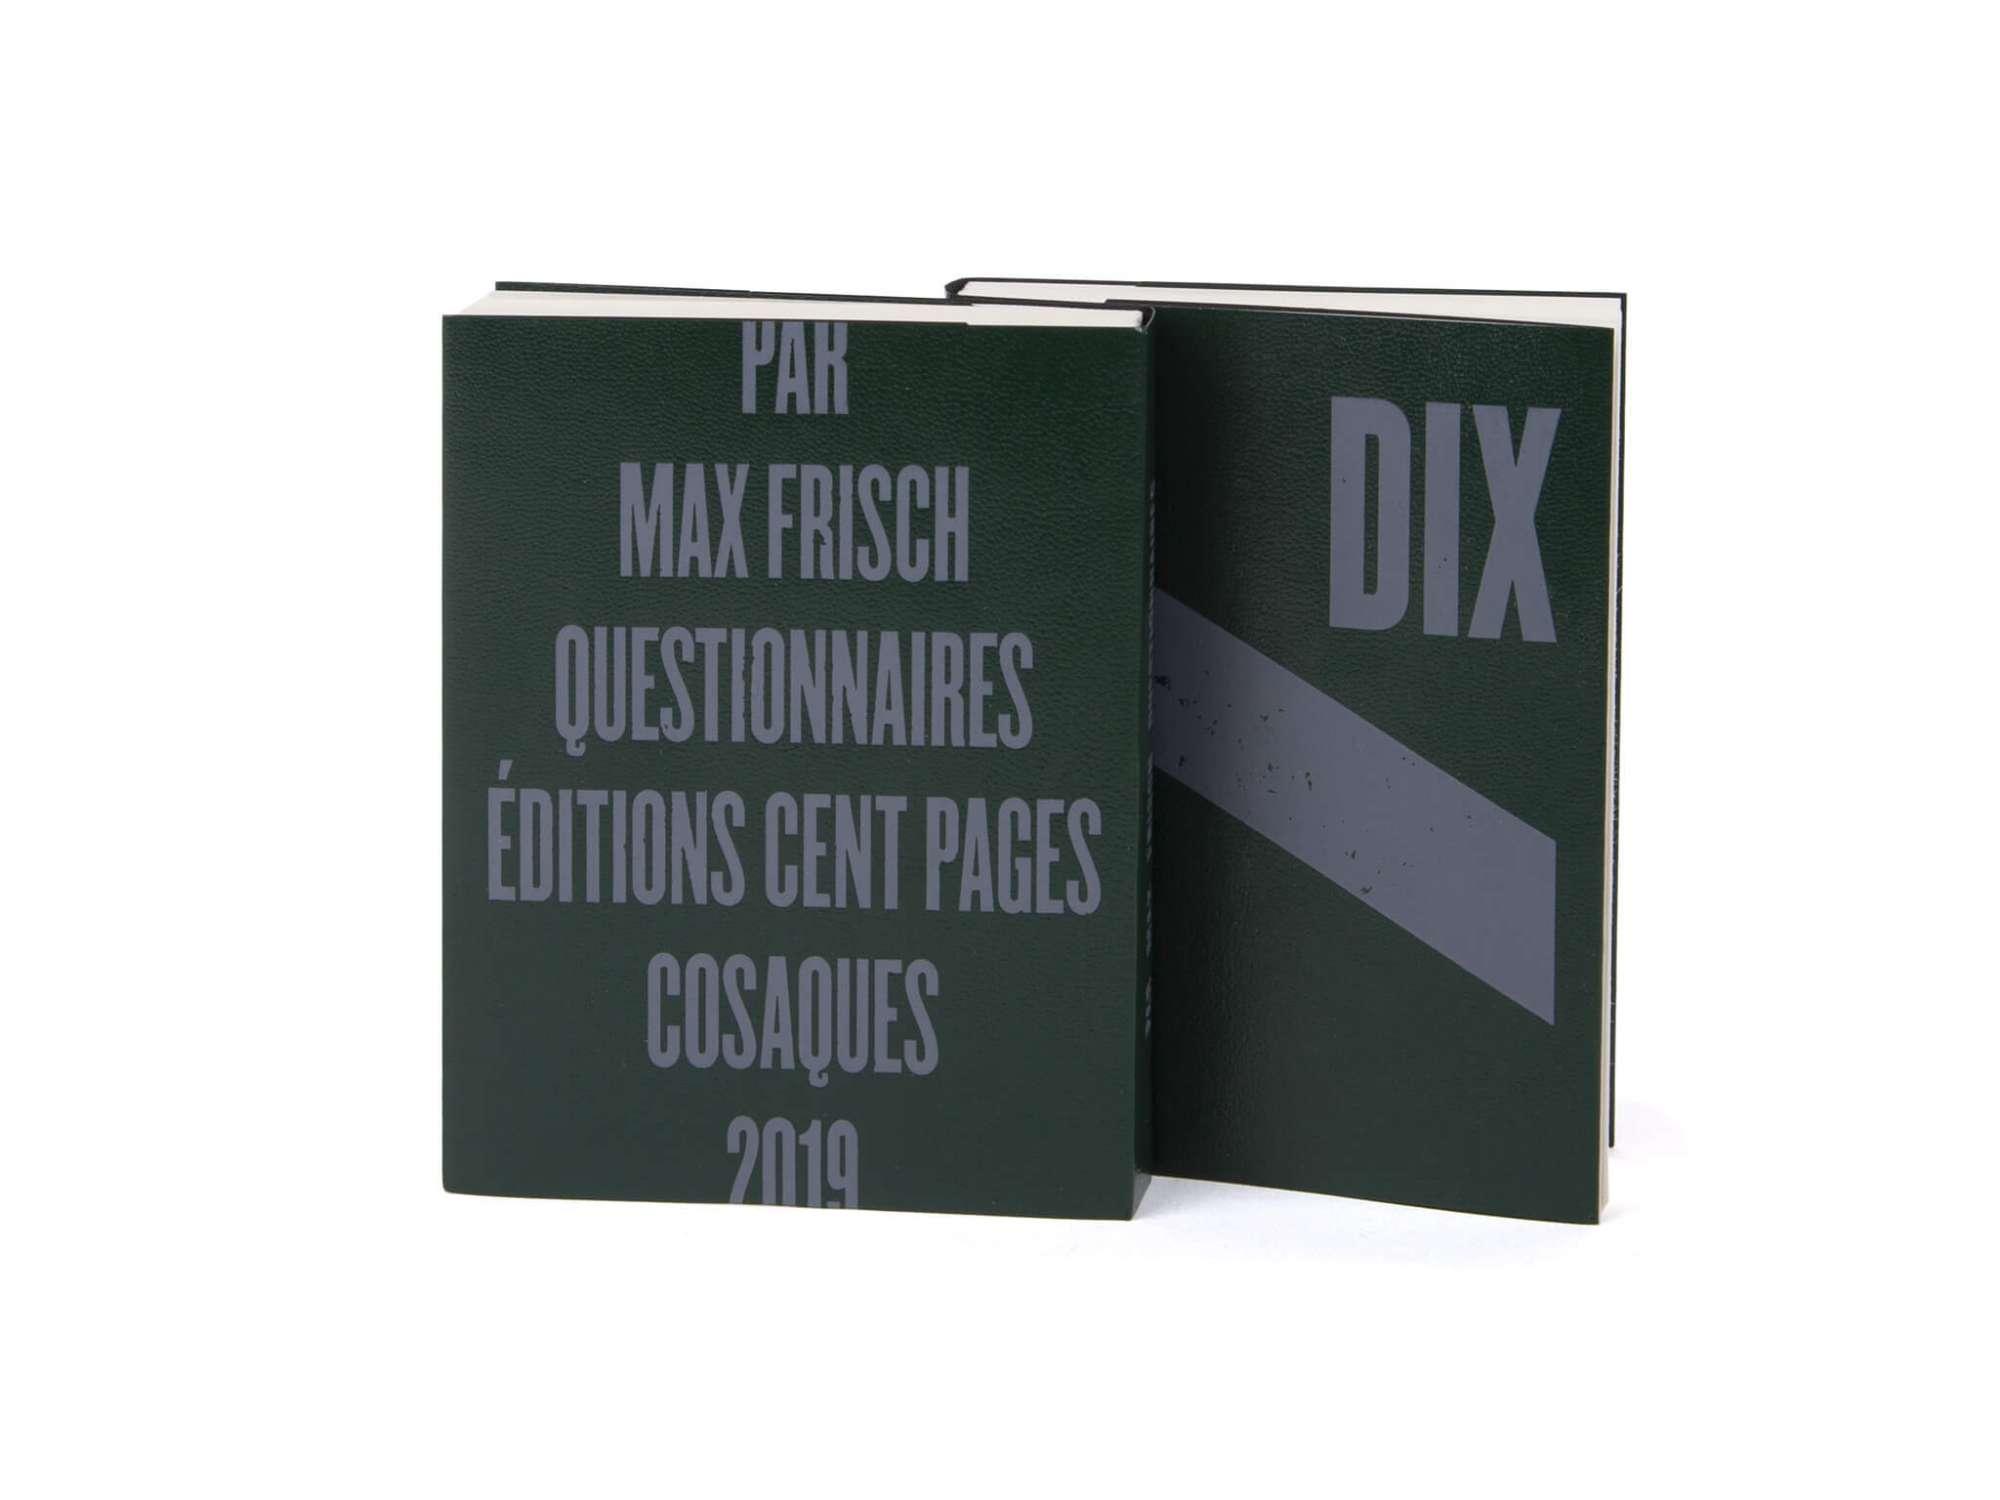 Max Frisch Questionnaires Éditions cent pages jaquette marquage à chaud gris